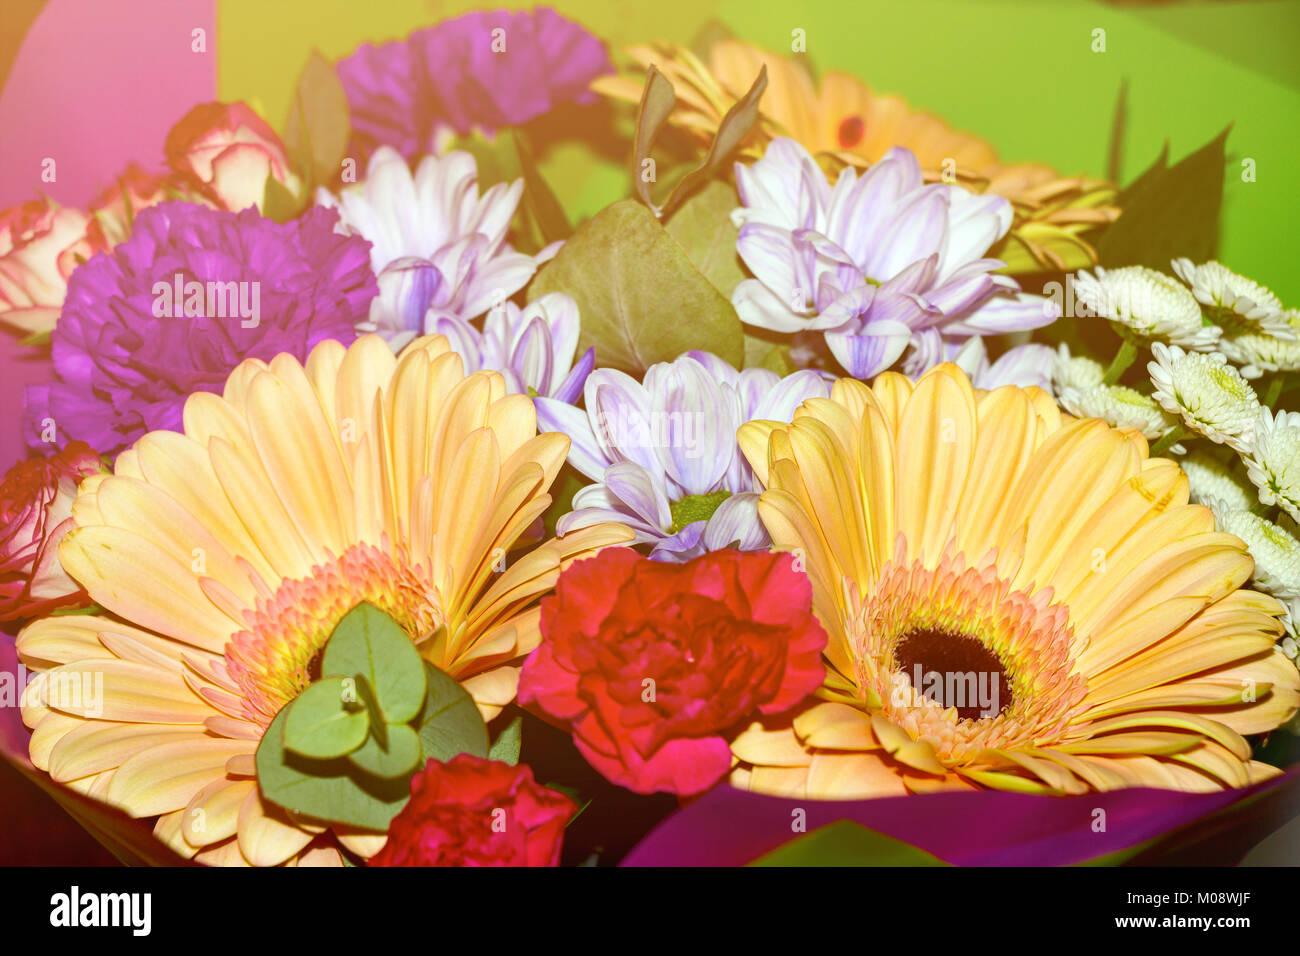 Bouquet of different flowers in sunlight stock photo 172299415 alamy bouquet of different flowers in sunlight izmirmasajfo